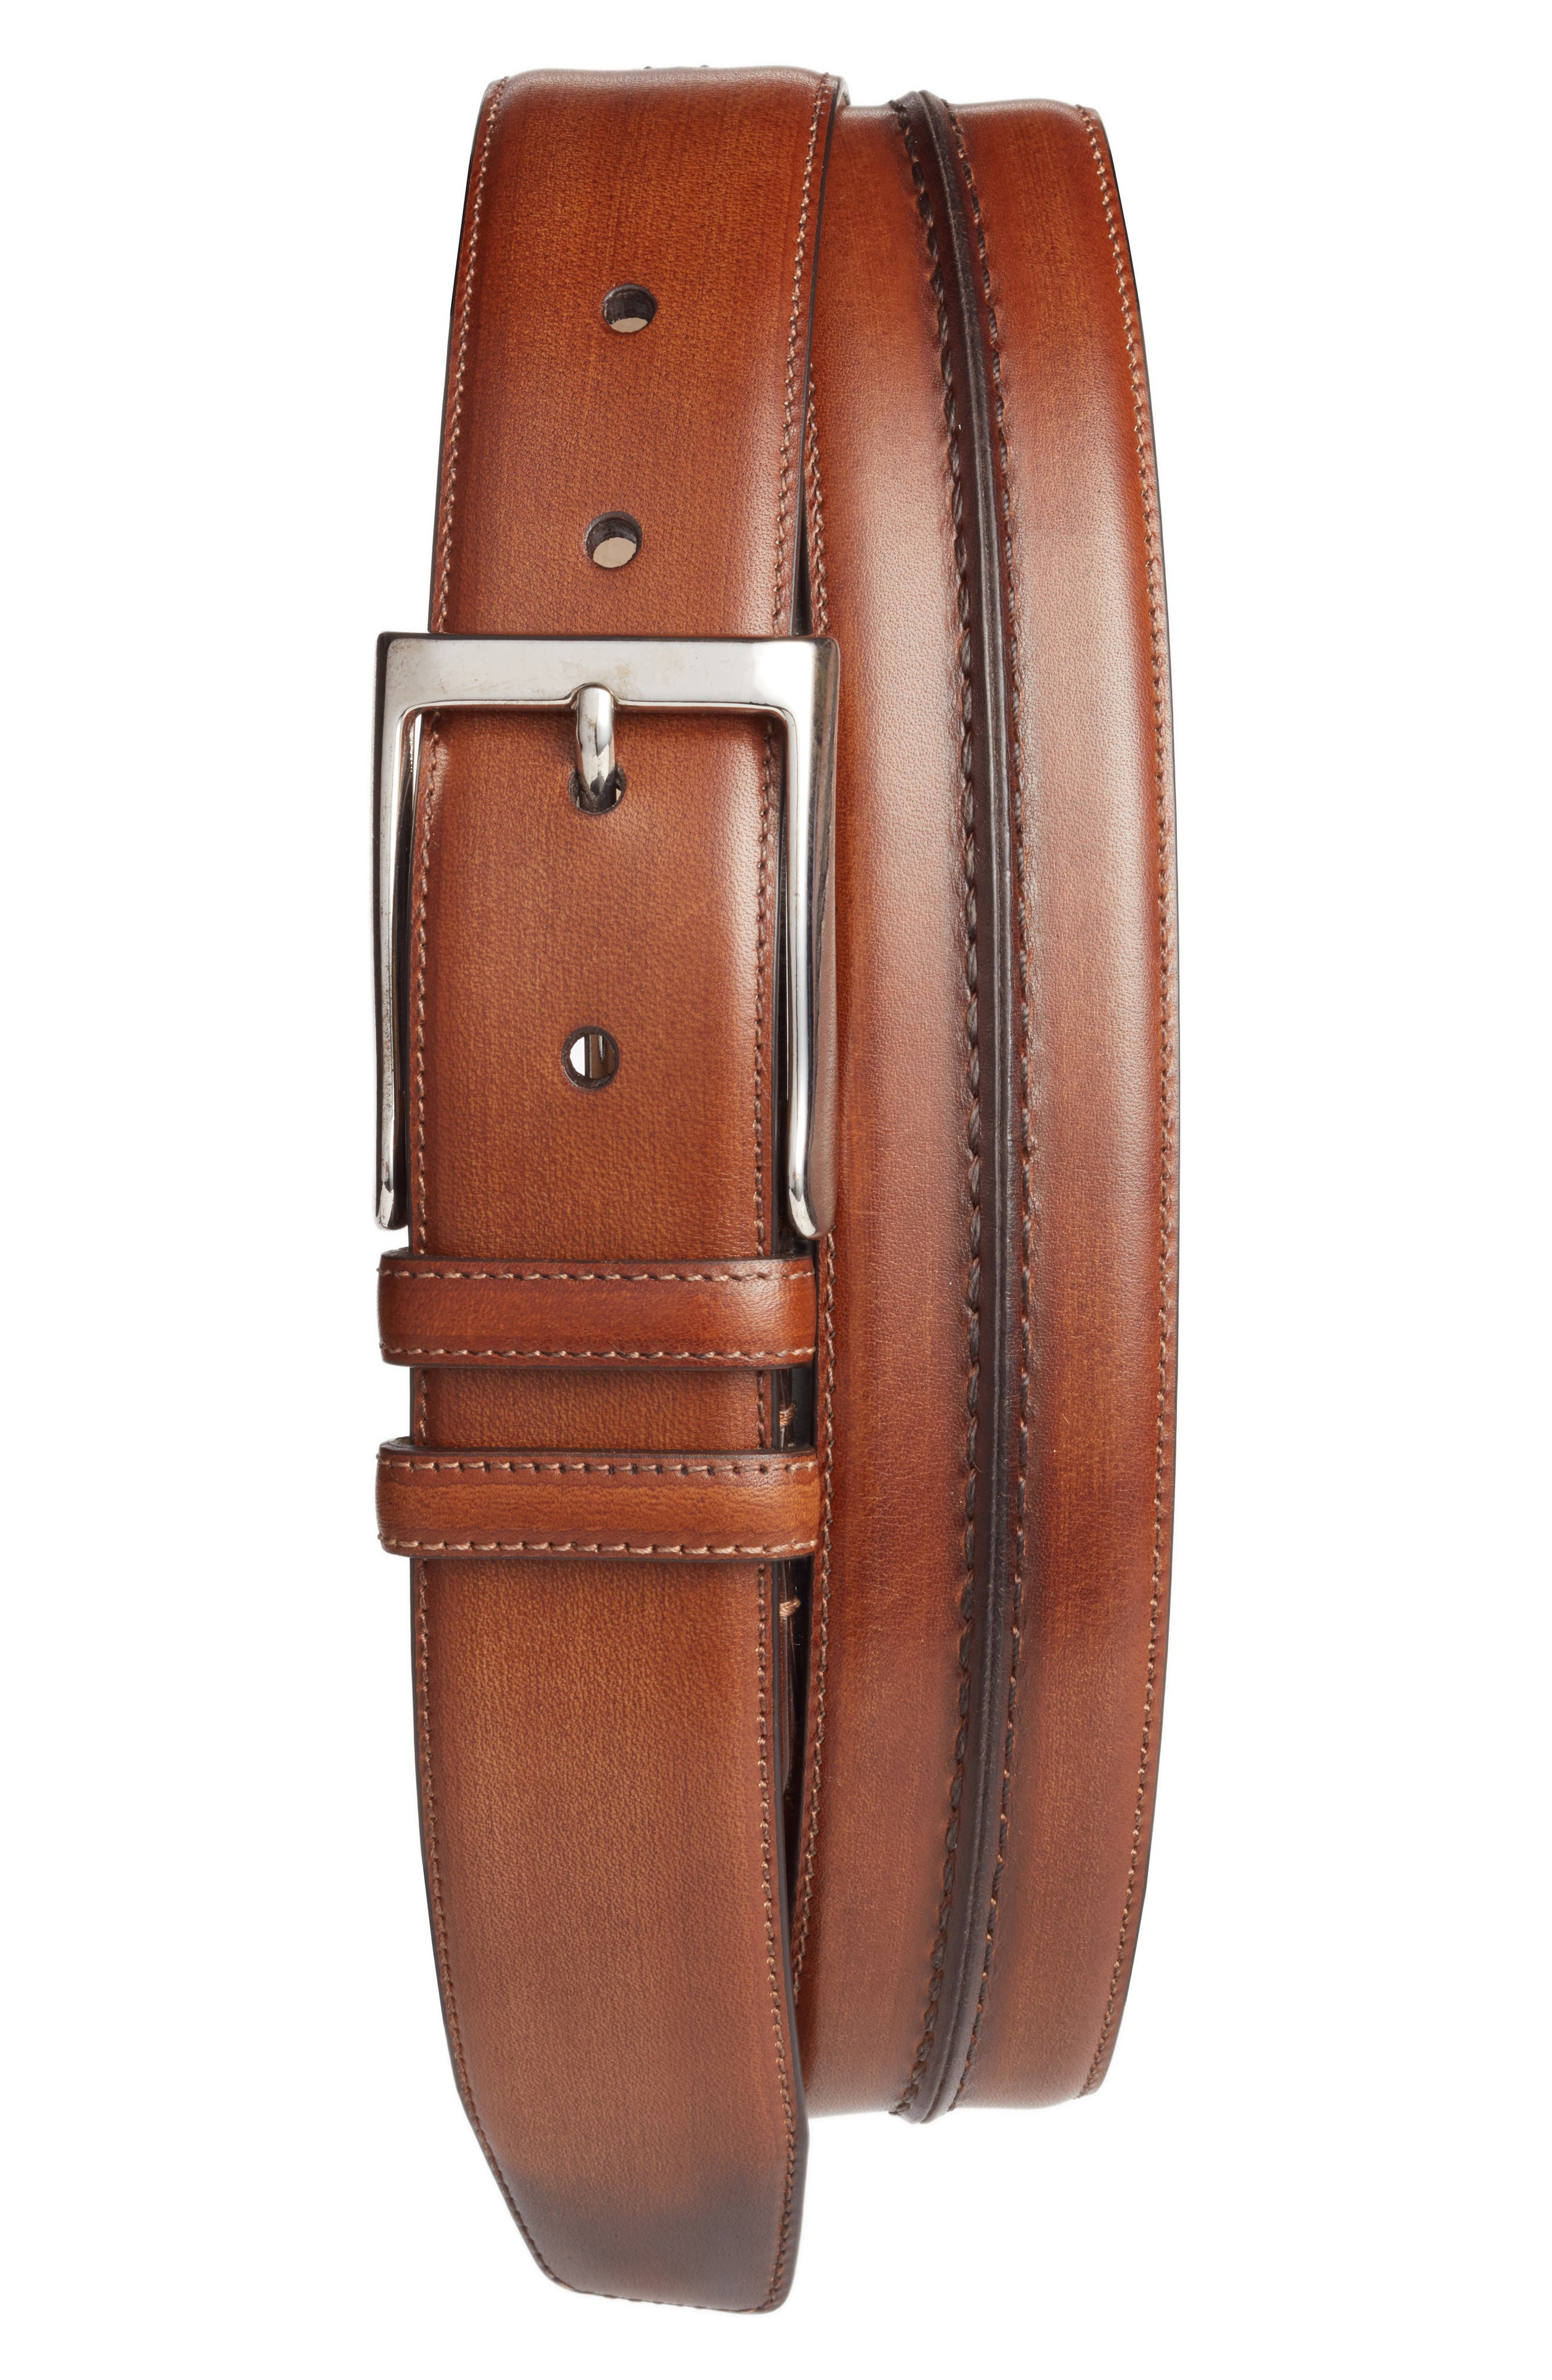 Palma Leather Belt,                             Main thumbnail 1, color,                             COGNAC